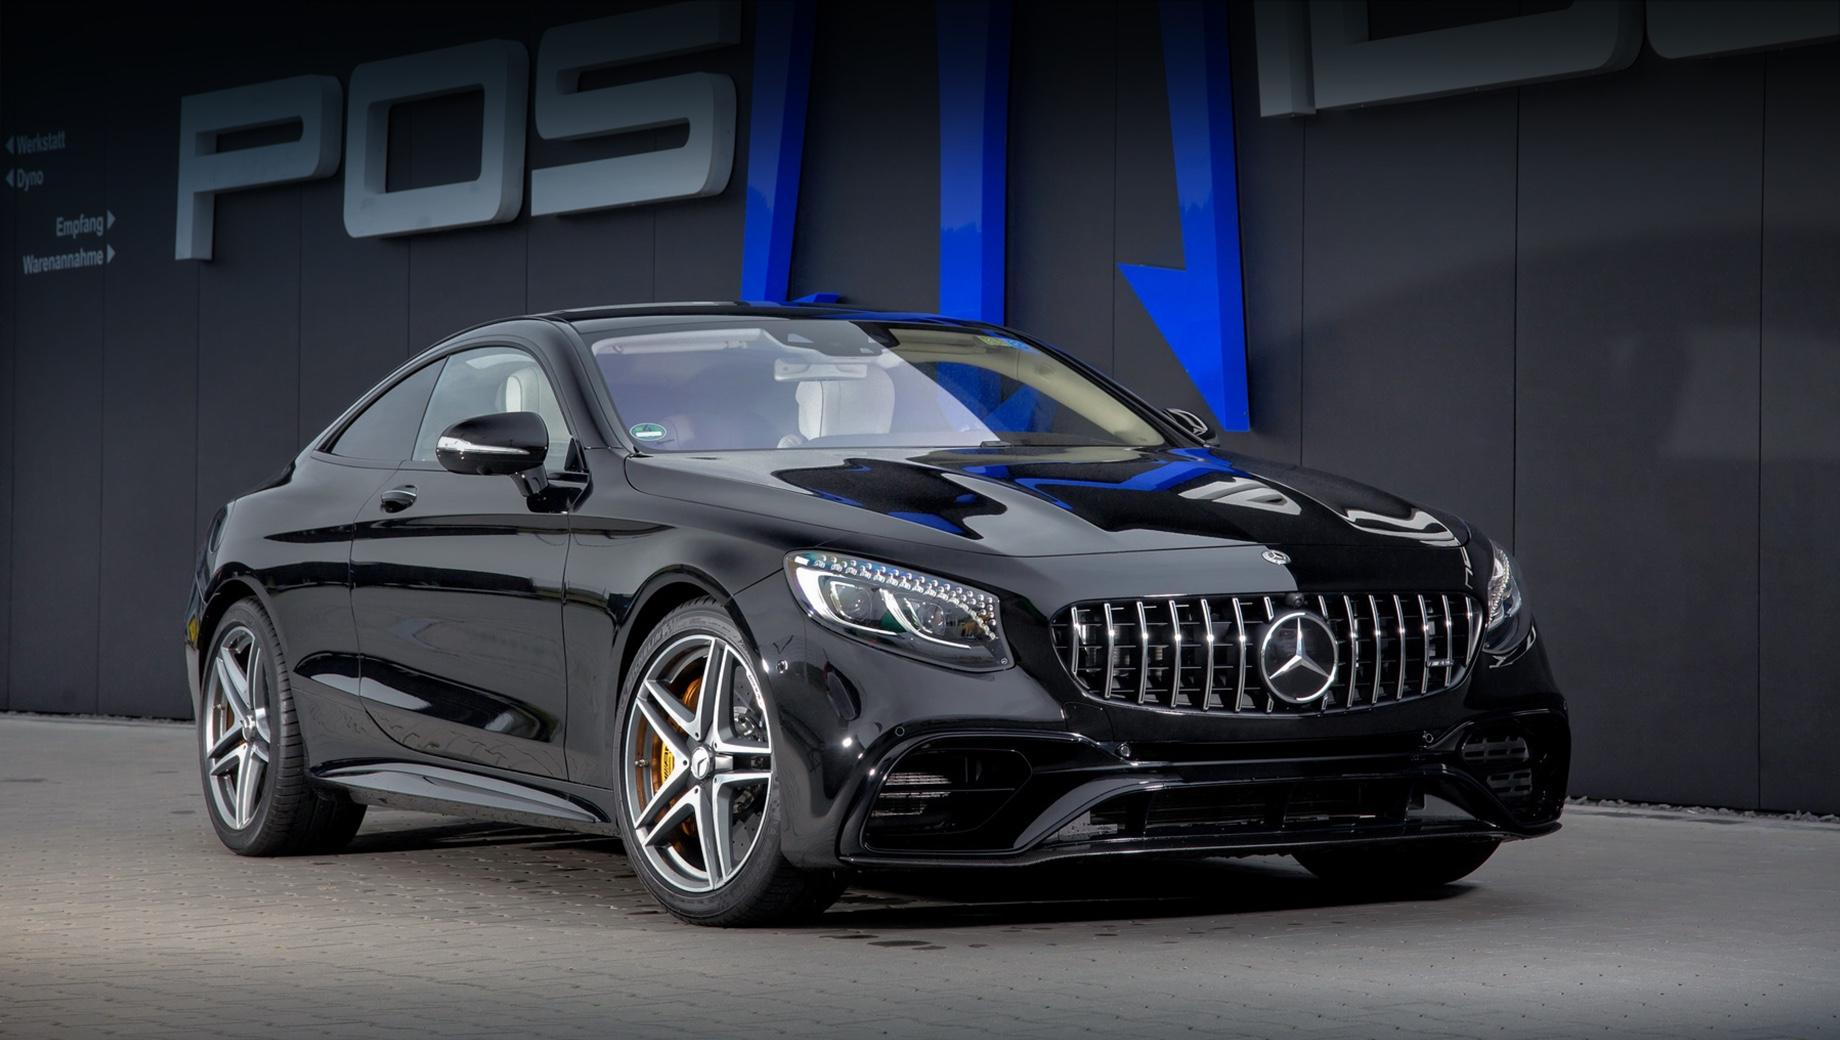 Posaidon наделил Mercedes-AMG S 63 впечатляющей динамикой